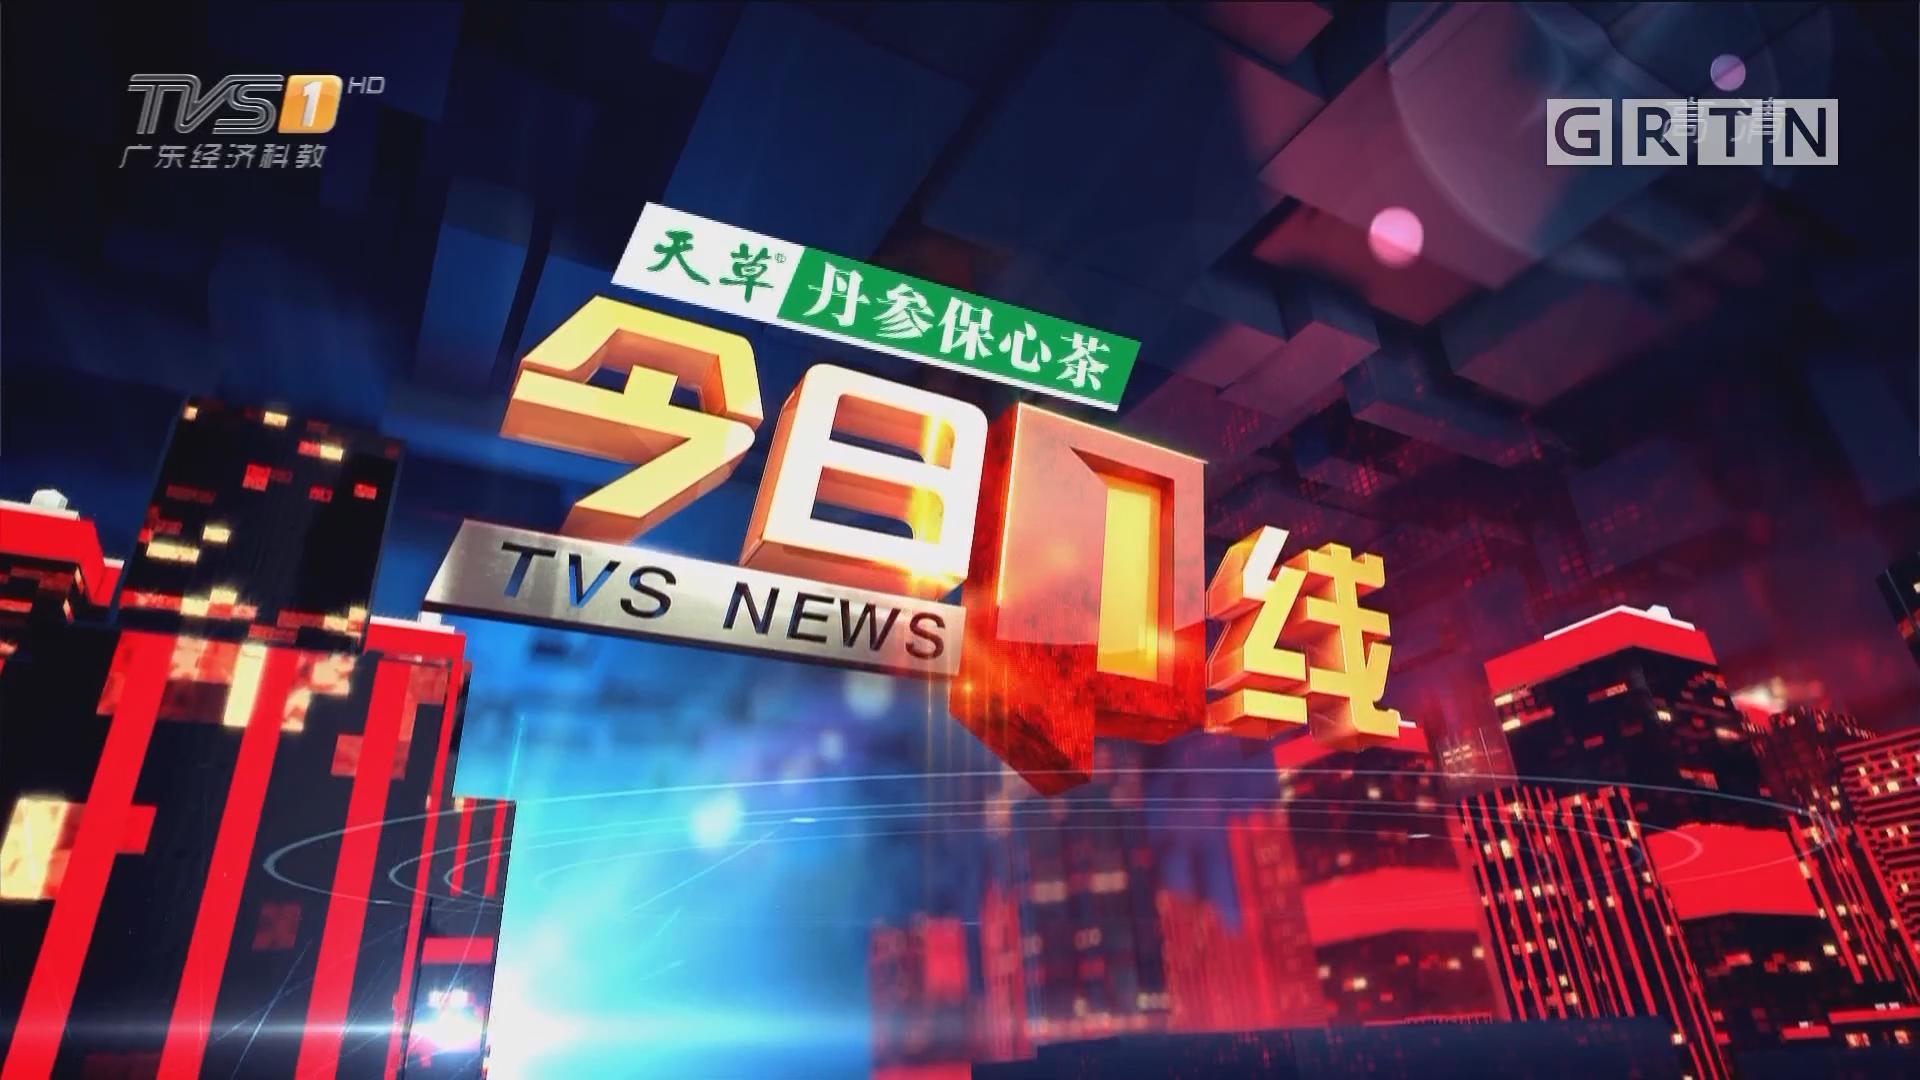 [HD][2018-12-08]今日一线:东莞:勒索病毒疯狂传播 警方抓获研发黑客